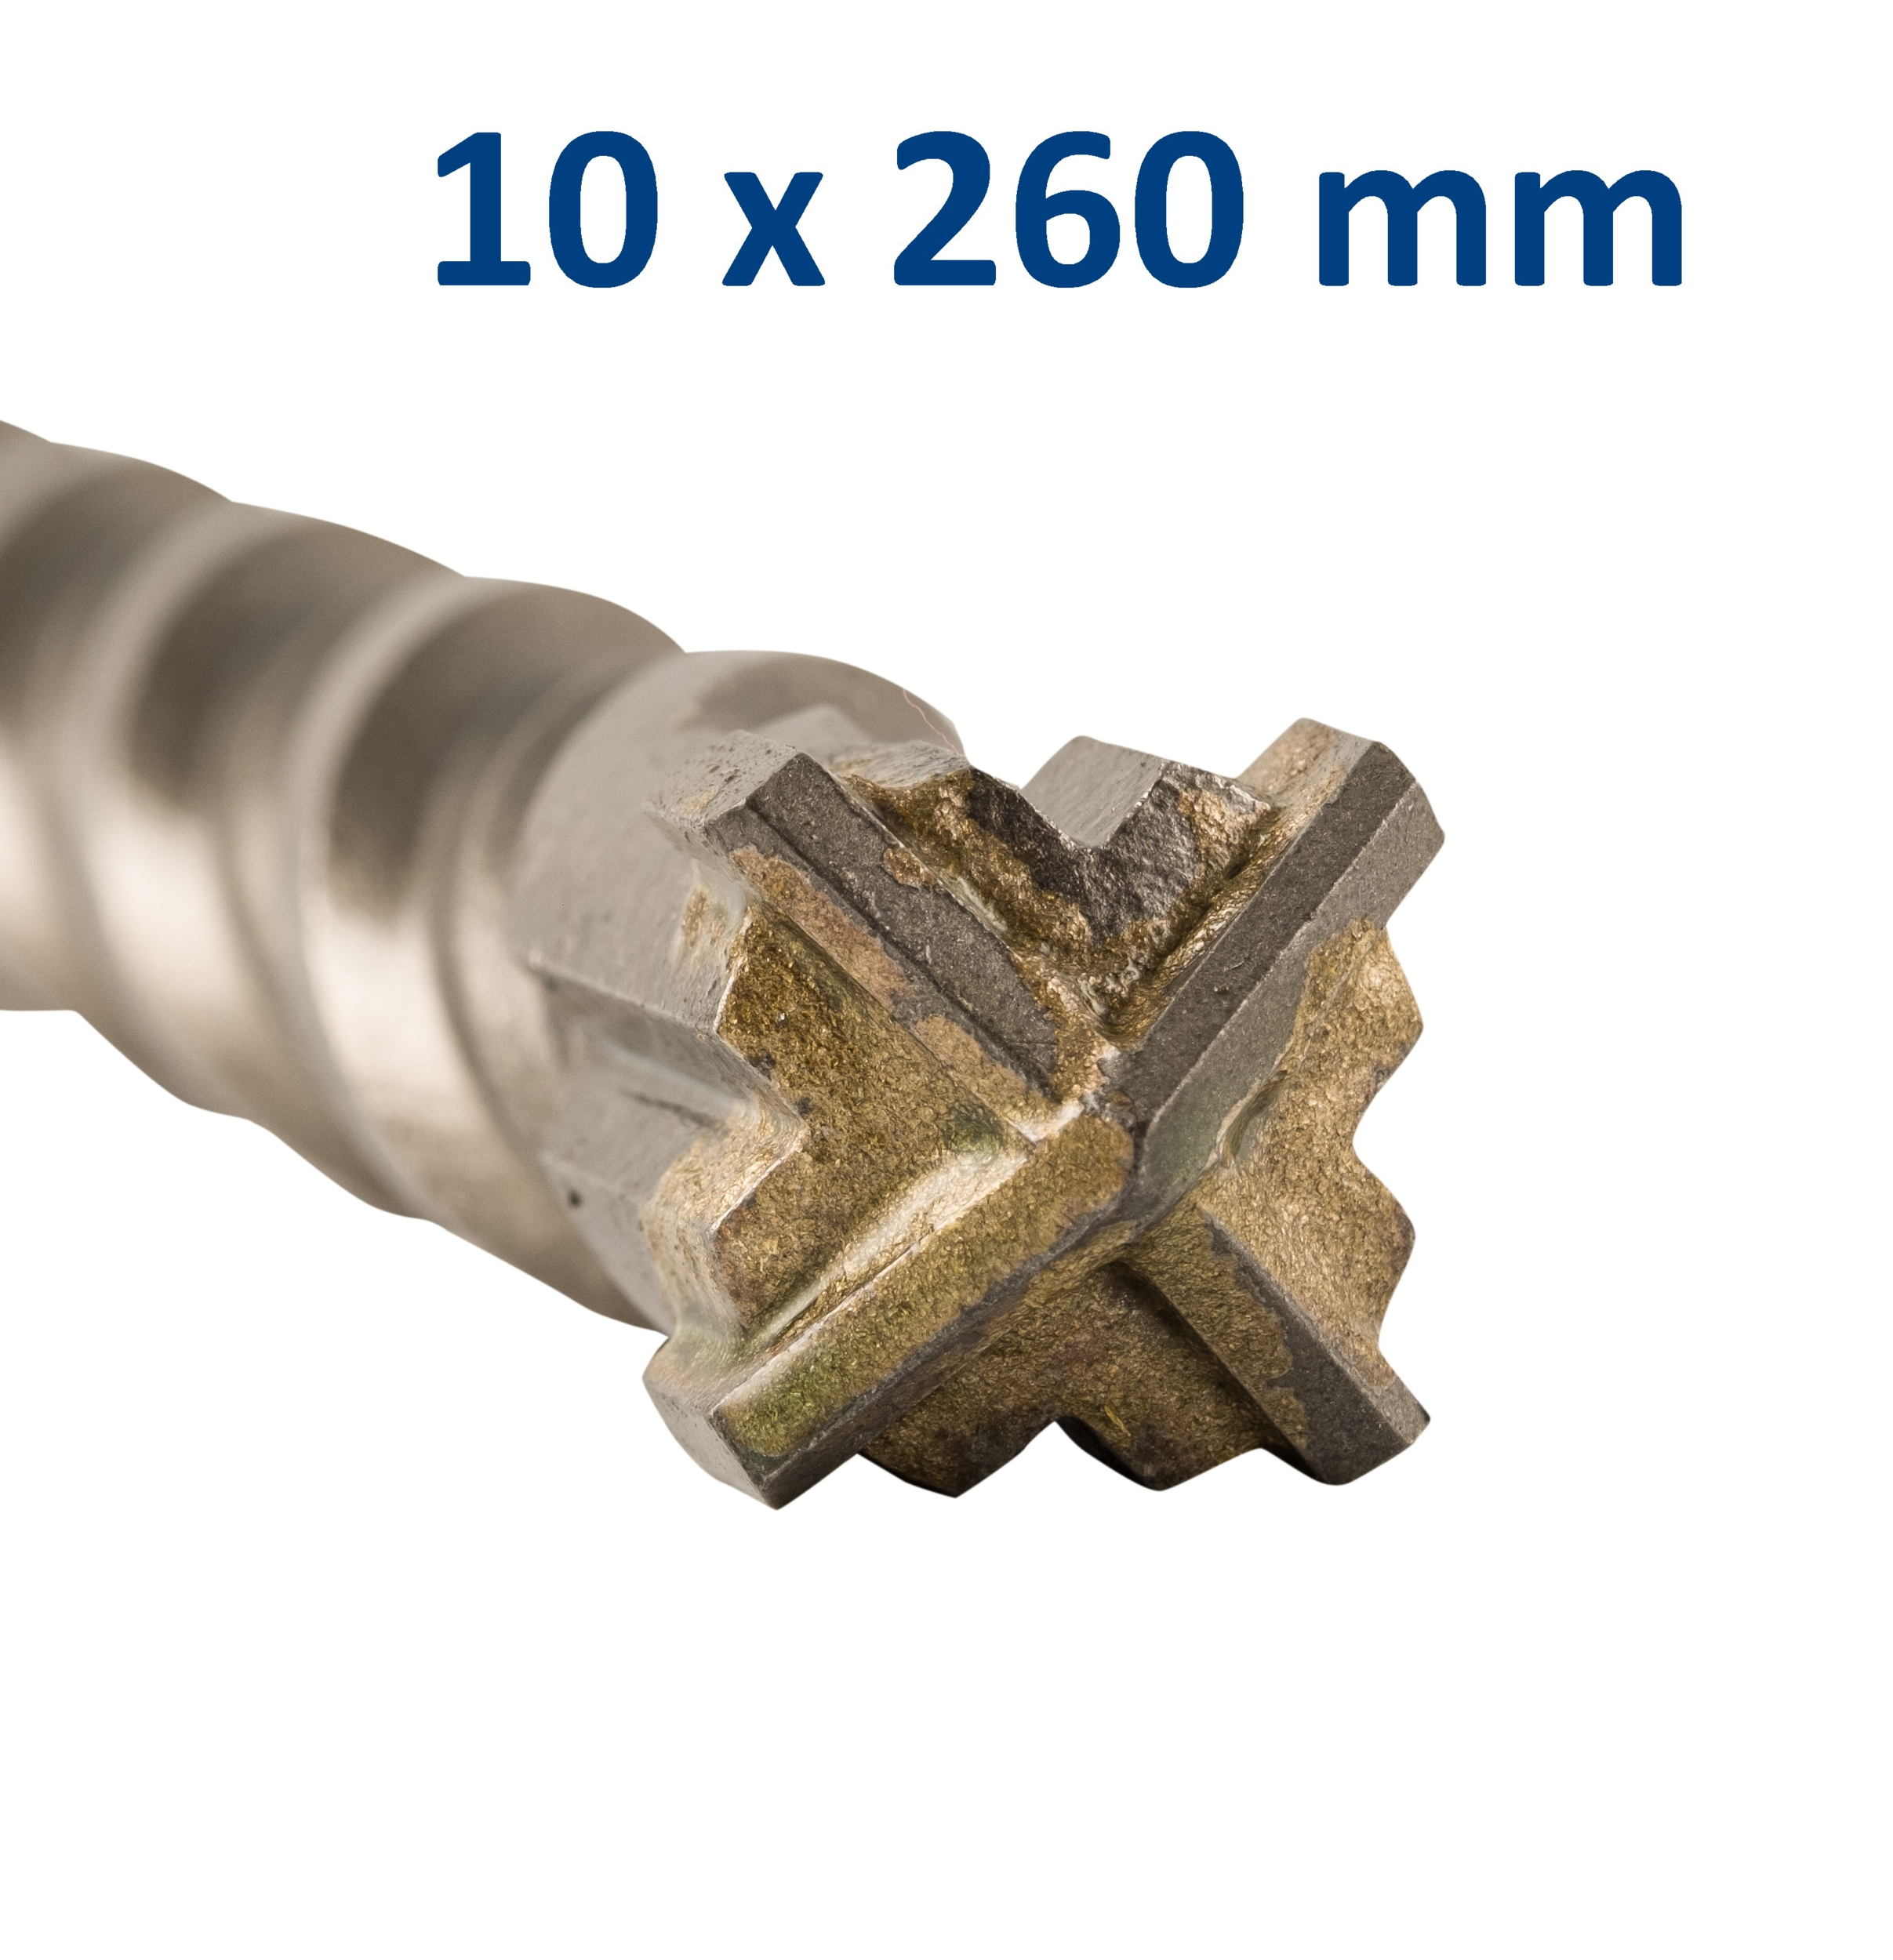 Foret-mèche SDS Plus pointe en croix 10x260 mm